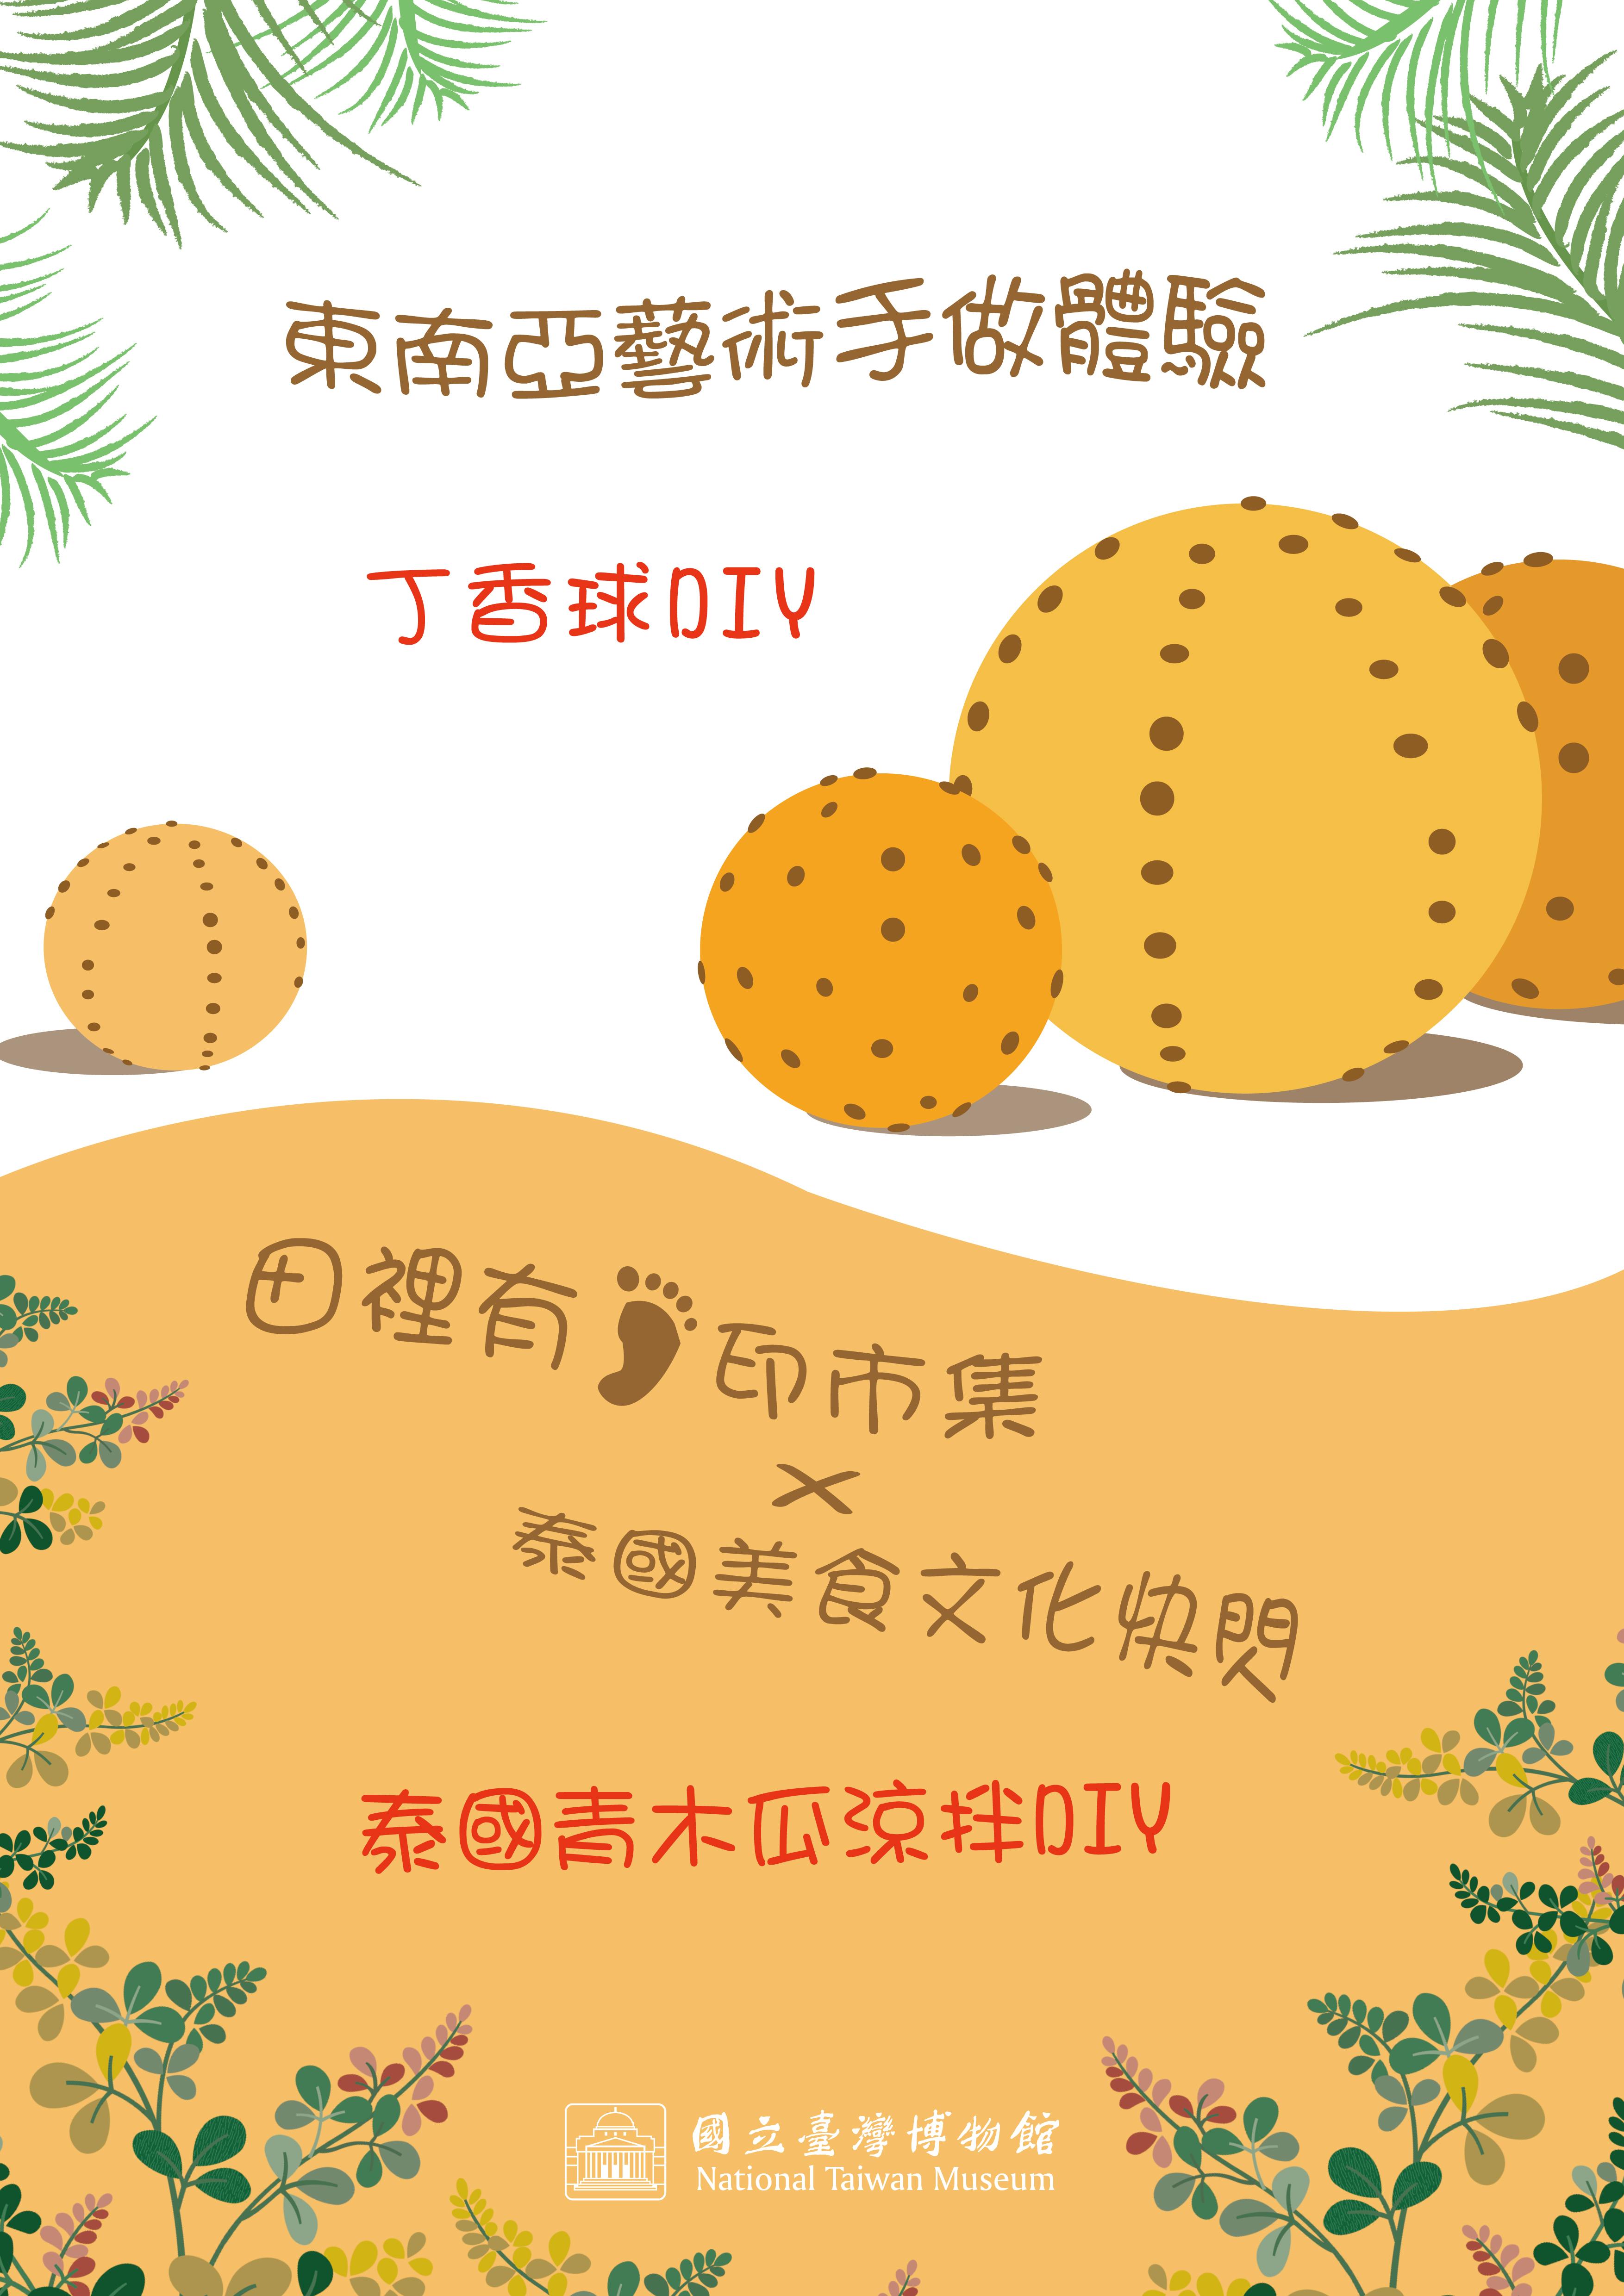 馬來西亞香料體驗「丁香球DIY」